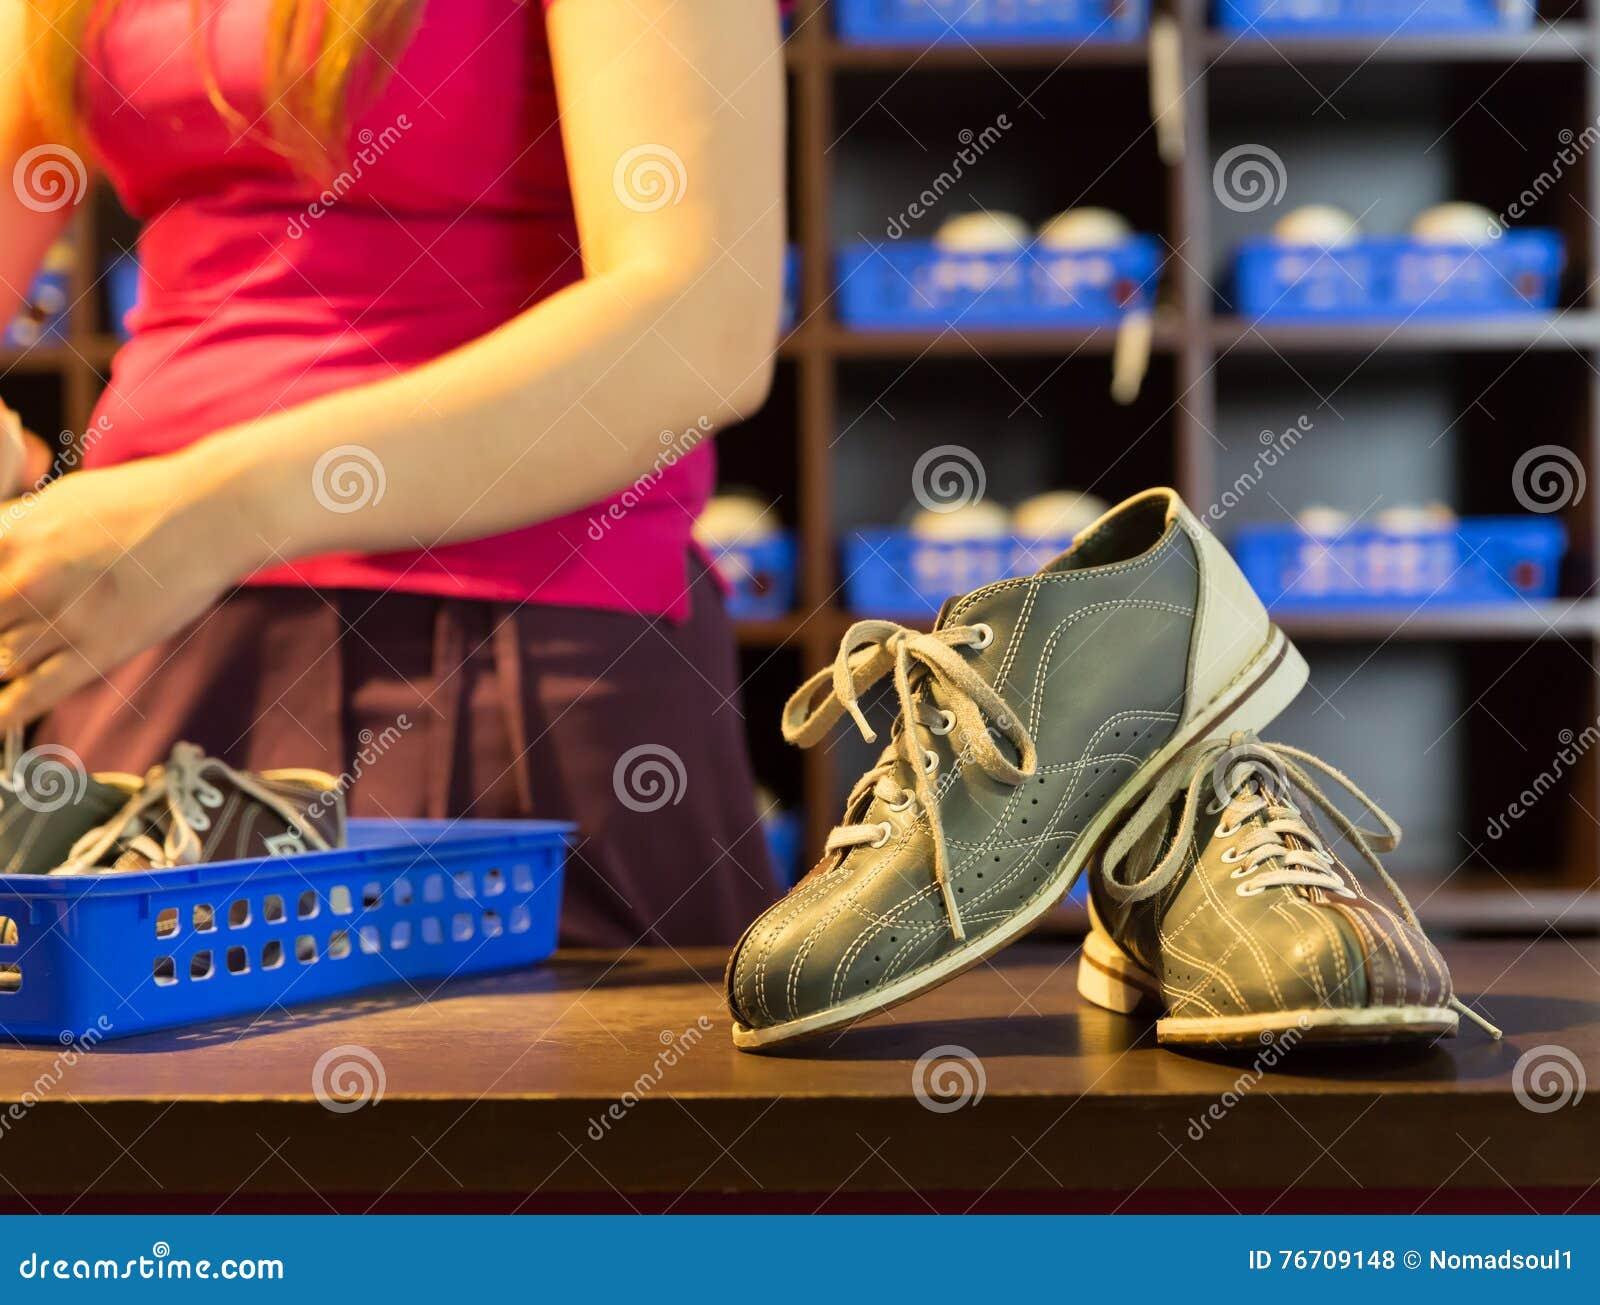 e0c0f7d87a9 Download Παπούτσια και καρφίτσες μπόουλινγκ Στοκ Εικόνες - εικόνα από  σύνολο, υποδήματα: 76709148